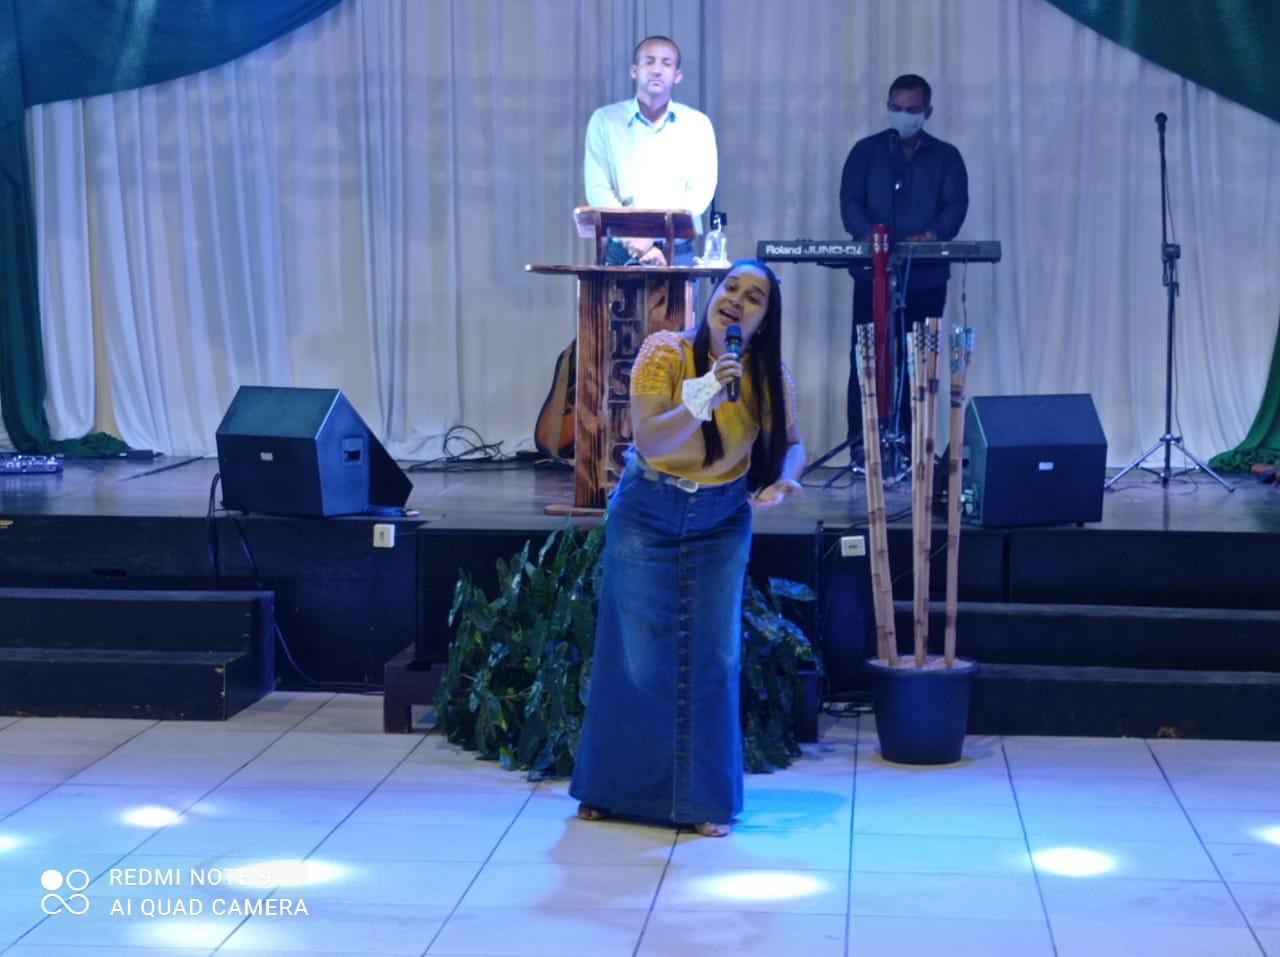 Dia do evangélico é comemorado com live da Aliança de Pastores - Imagem 3